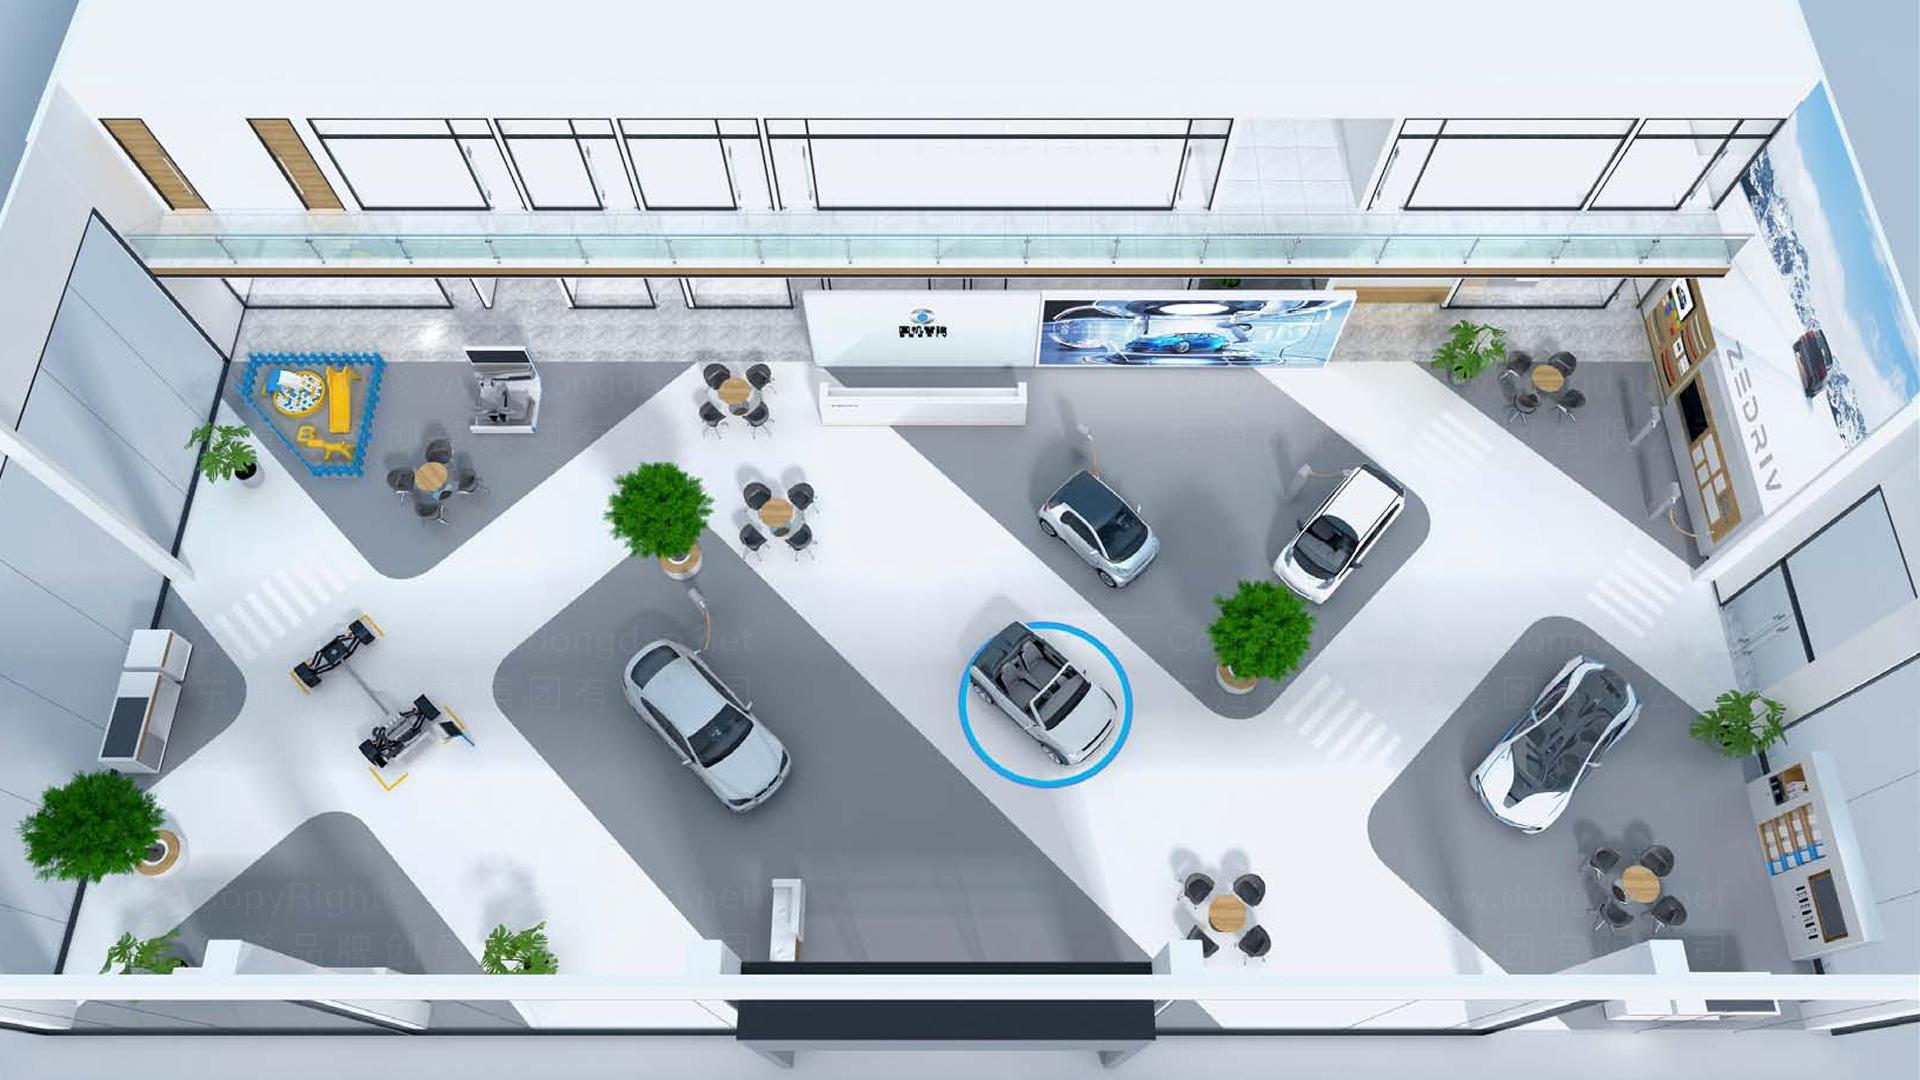 汽车业商业空间&导示国机智骏新能源汽车形象店EI设计